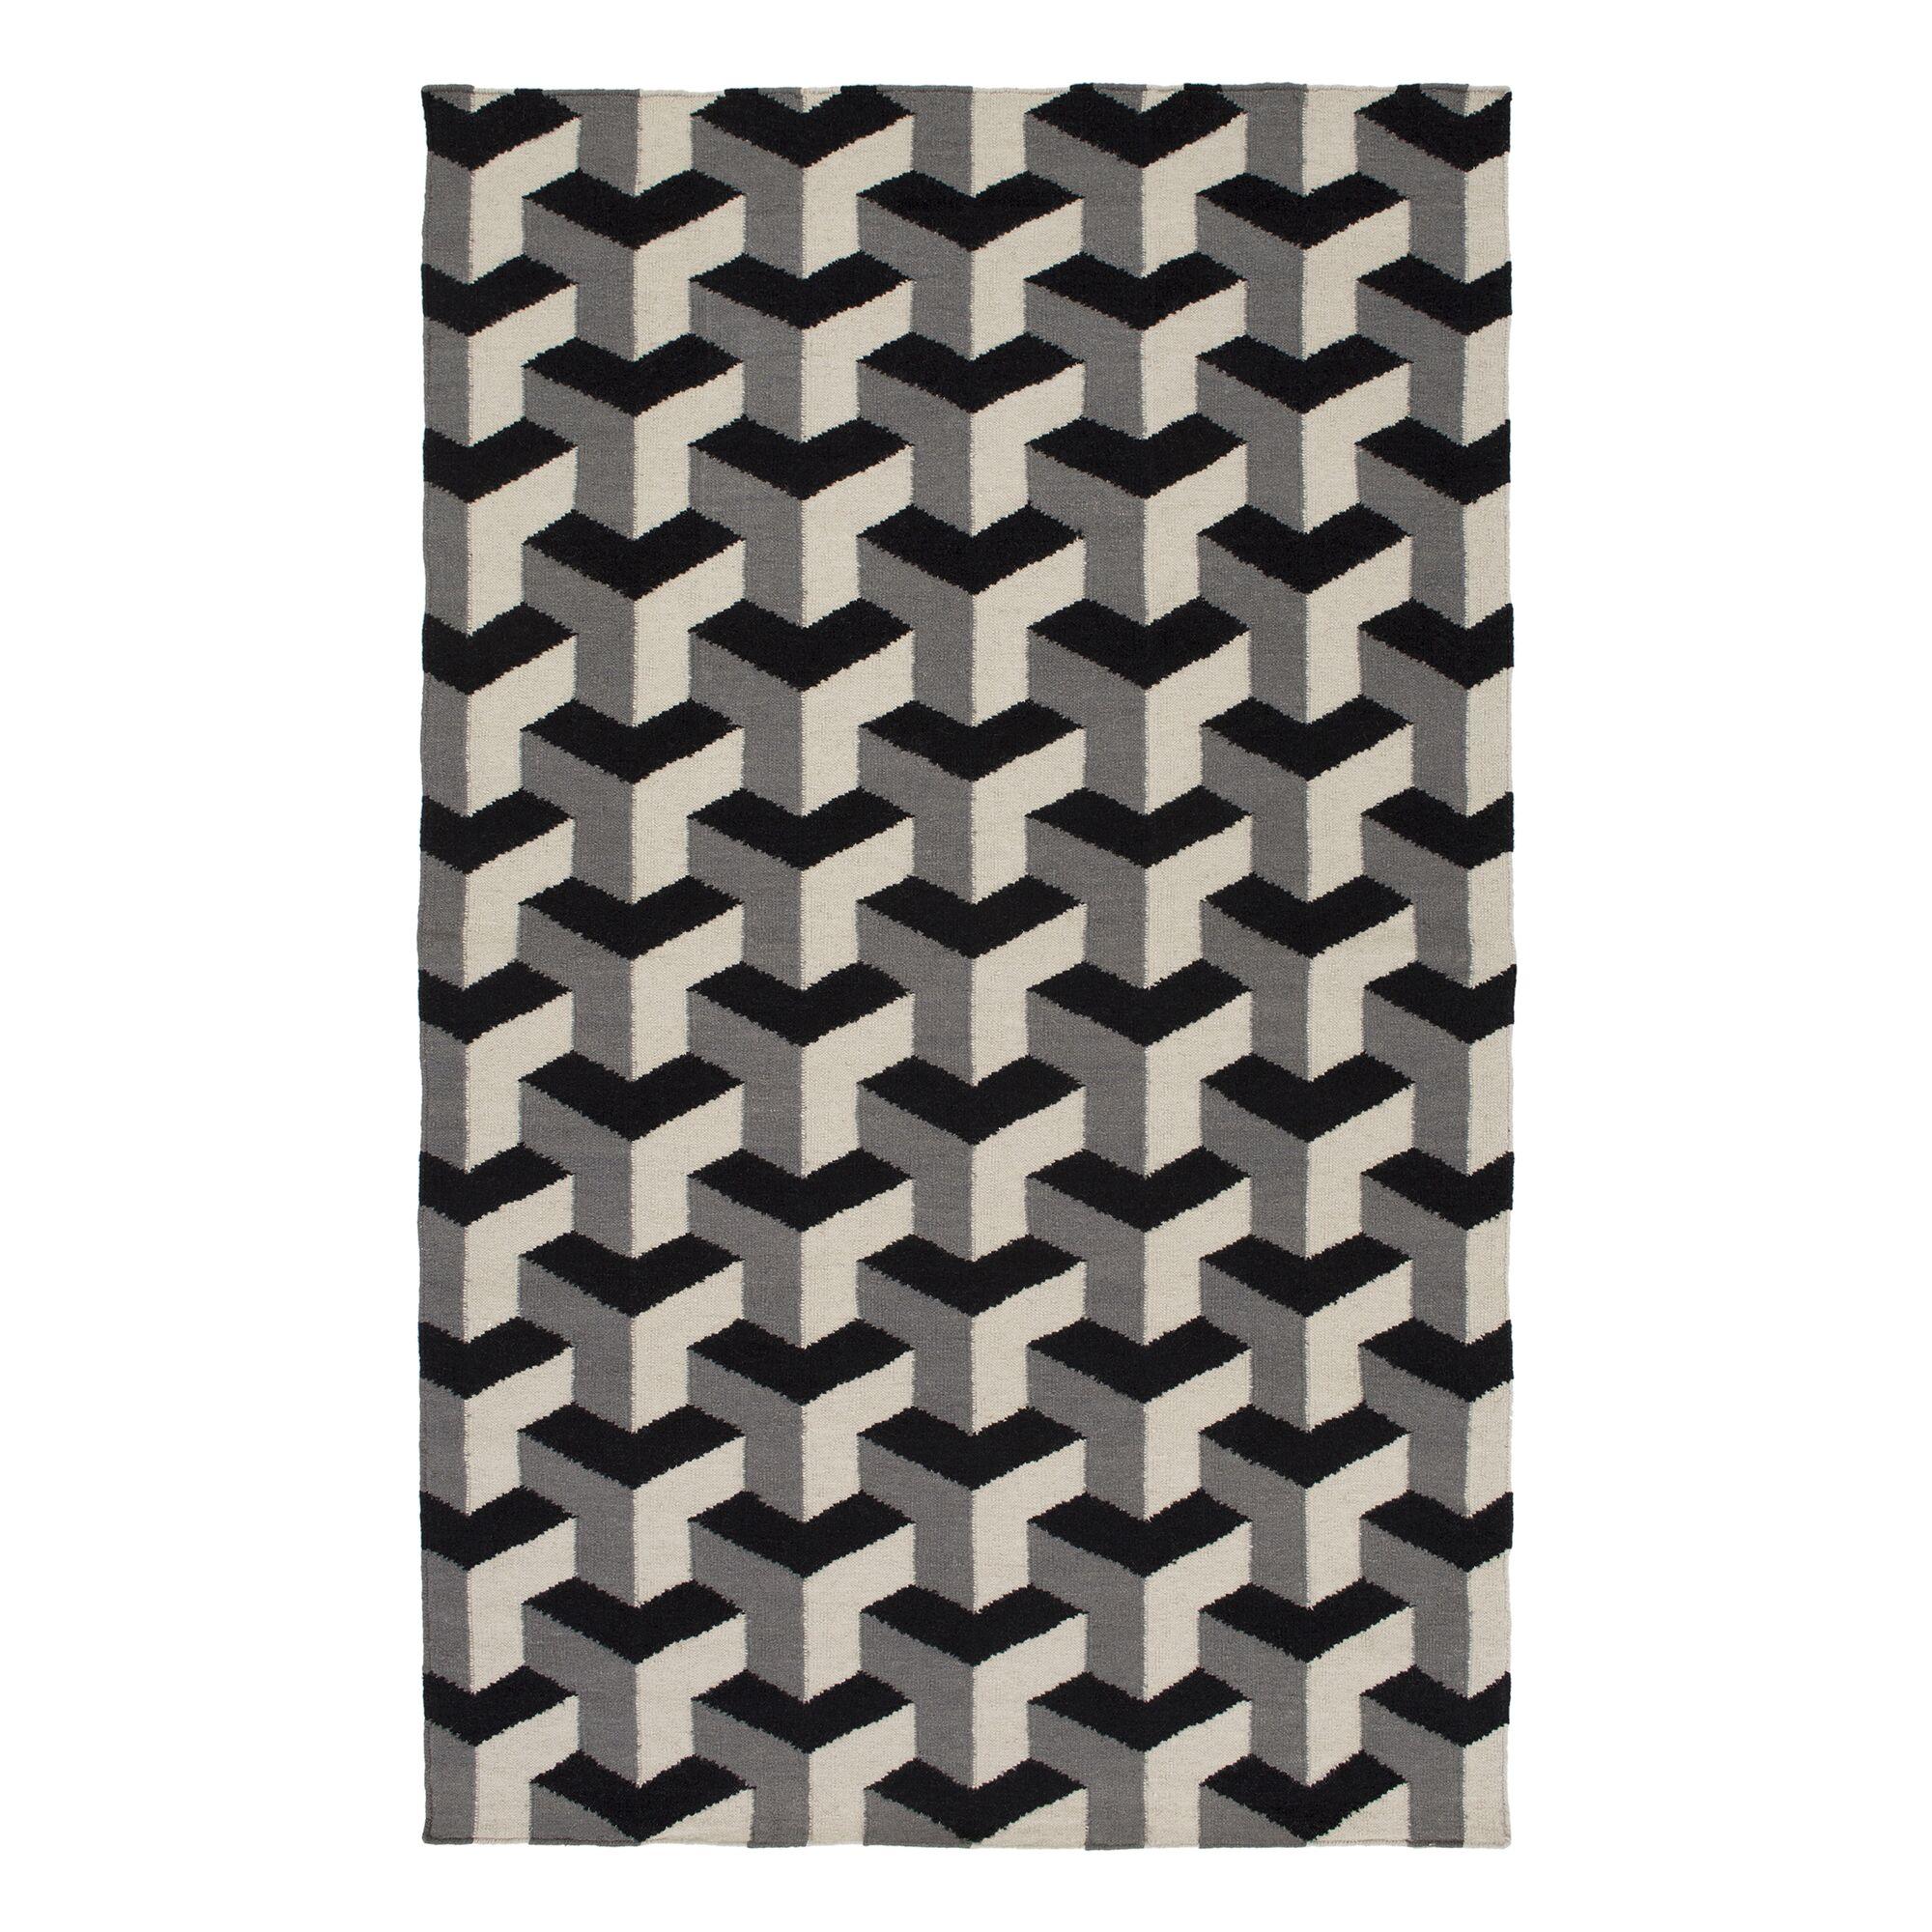 Handmade Black/Gray Area Rug Rug Size: Runner 2'6